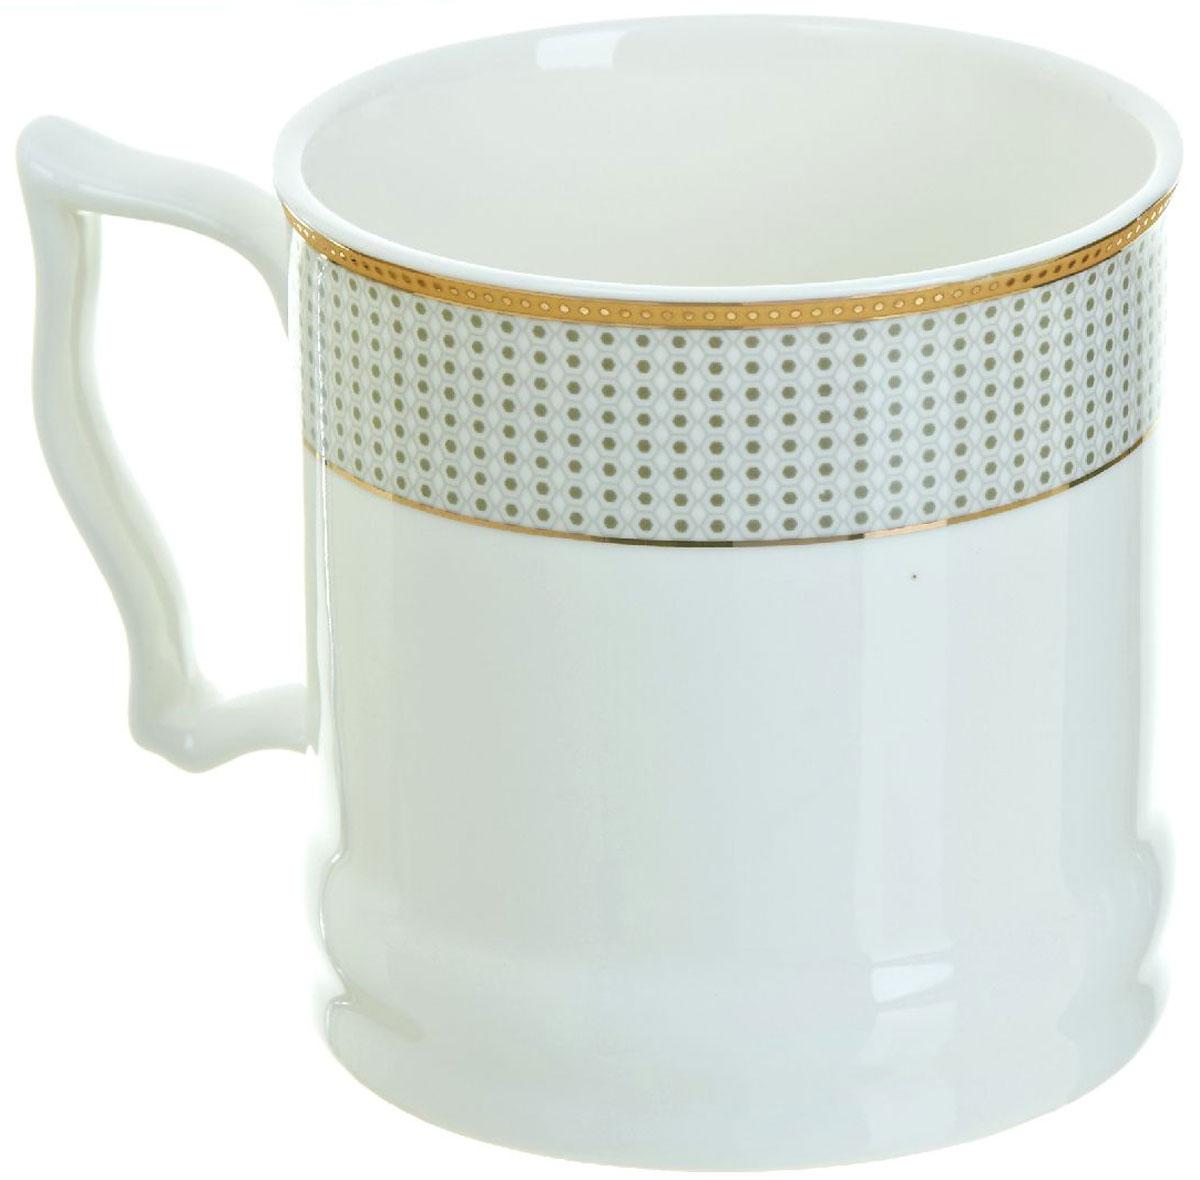 Кружка BHP Королевская кружка, 500 мл. 18700121870012Оригинальная кружка Best Home Porcelain, выполненная из высококачественного фарфора, сочетает в себе простой, утонченный дизайн с максимальной функциональностью. Оригинальность оформления придутся по вкусу тем, кто ценит индивидуальность. В комплект входит кружка. Можно использовать в ПММ.